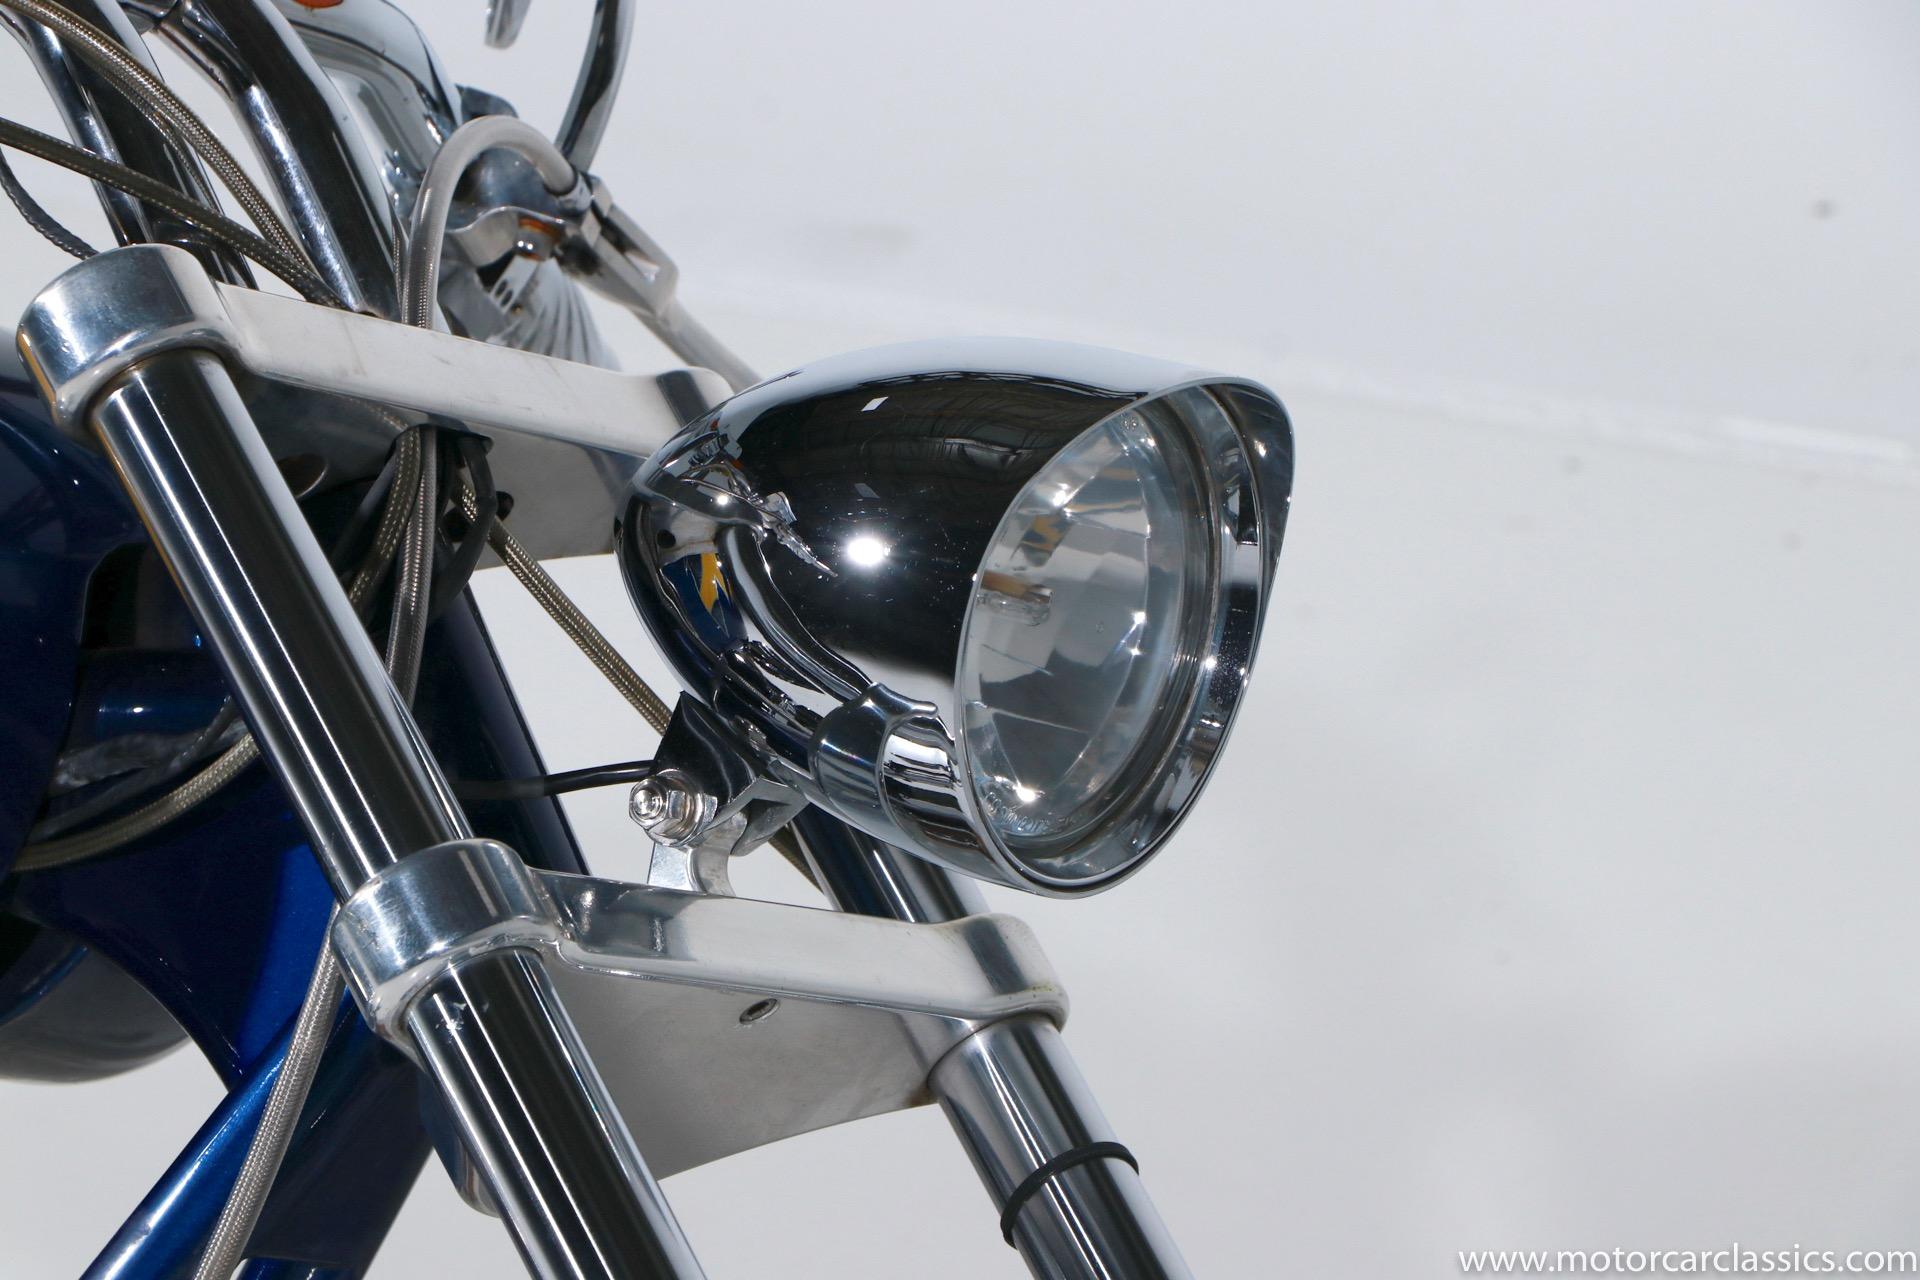 2004 Harley-Davidson Custom